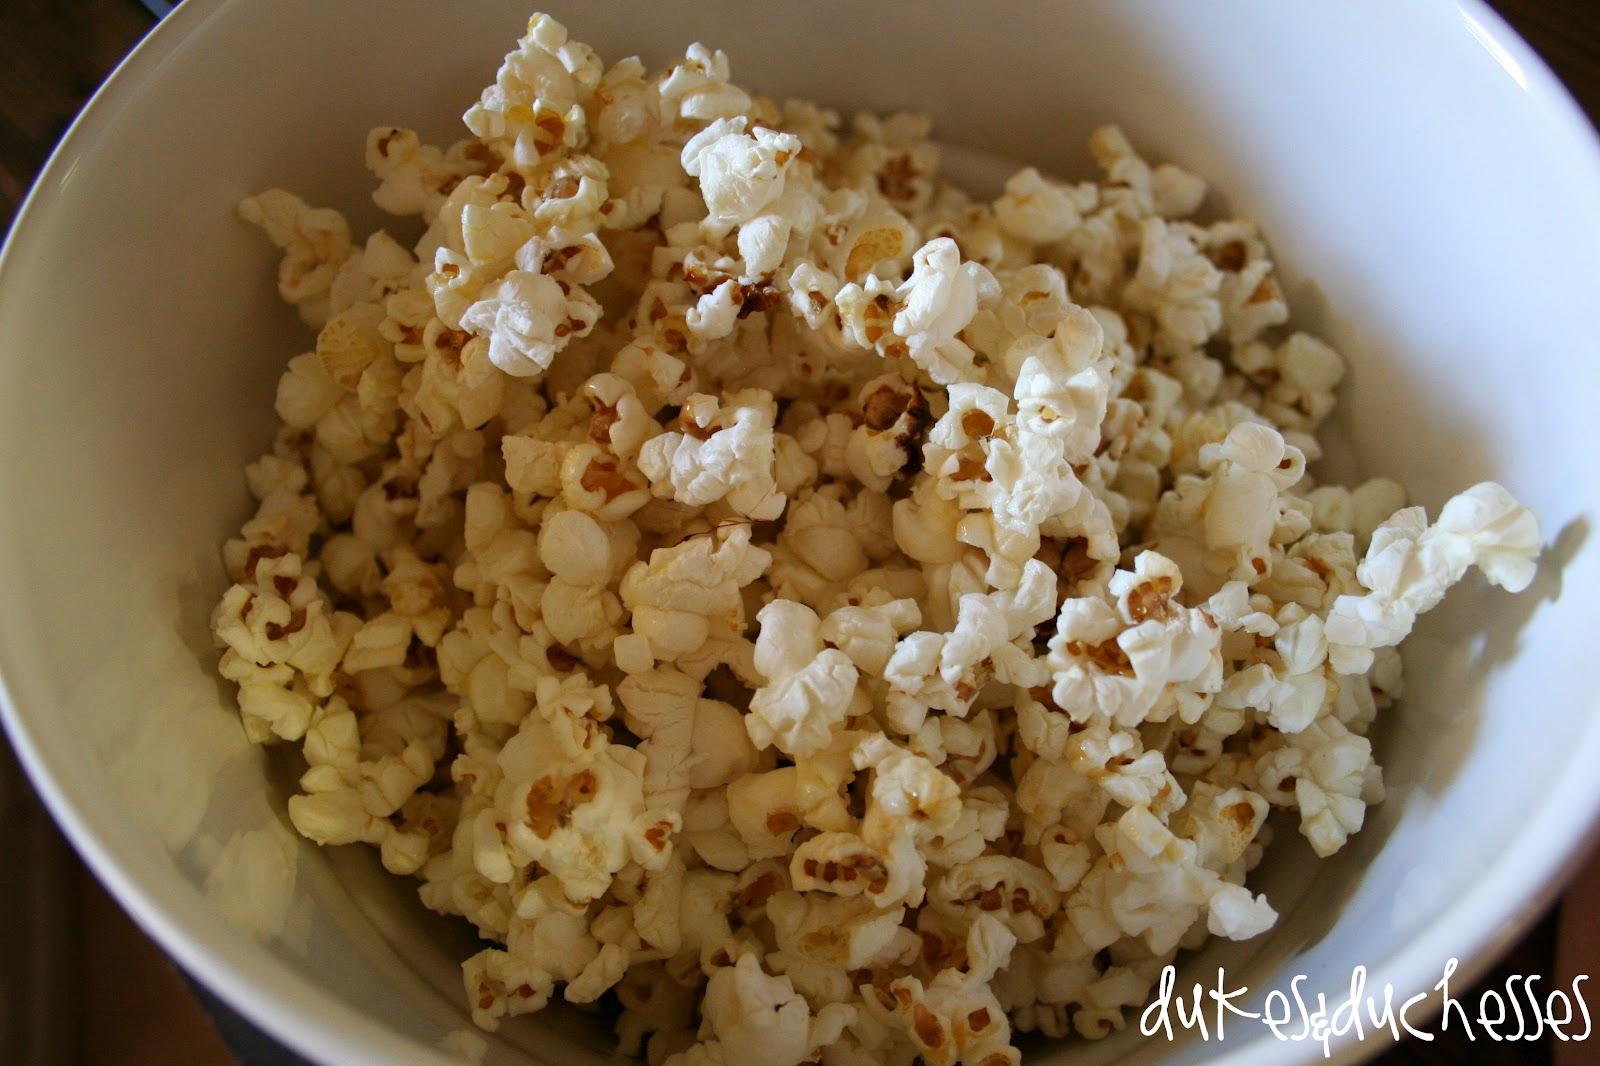 Homemade Kettle Corn - Dukes and Duchesses